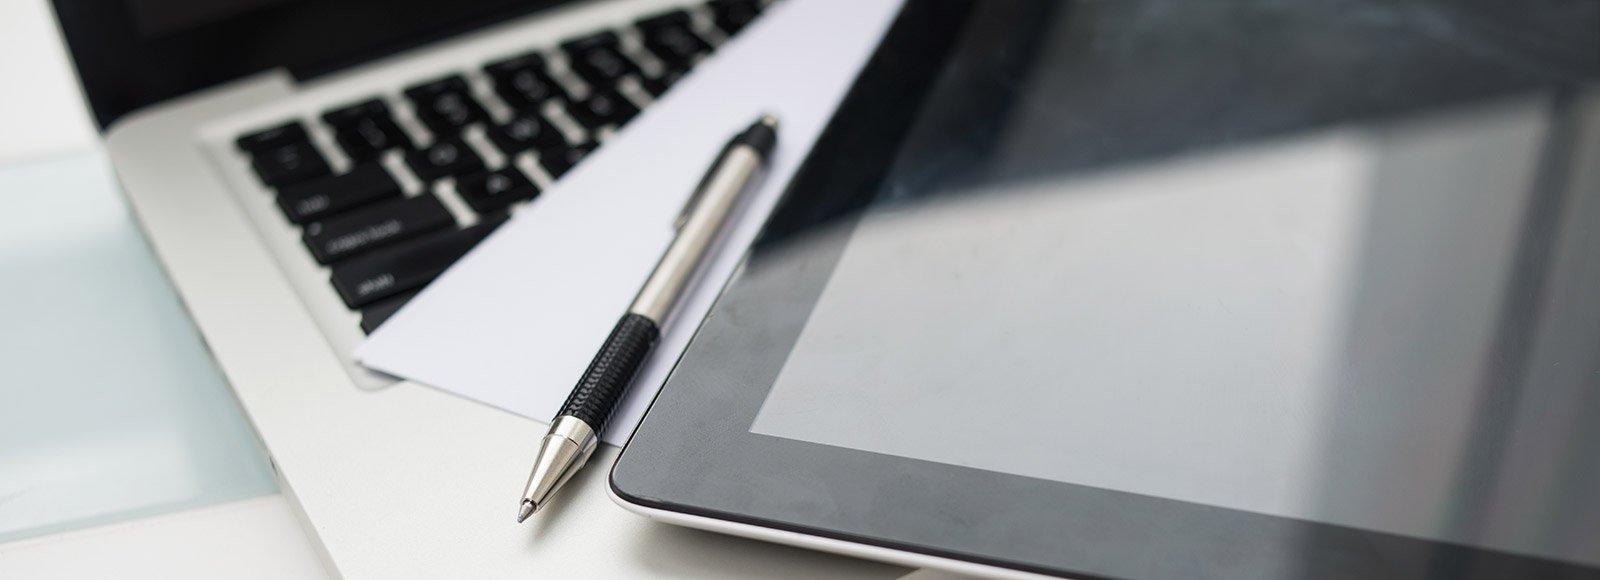 Noleggio lungo termine prodotti informatici e strumenti di comunicazione - Noleggio PC